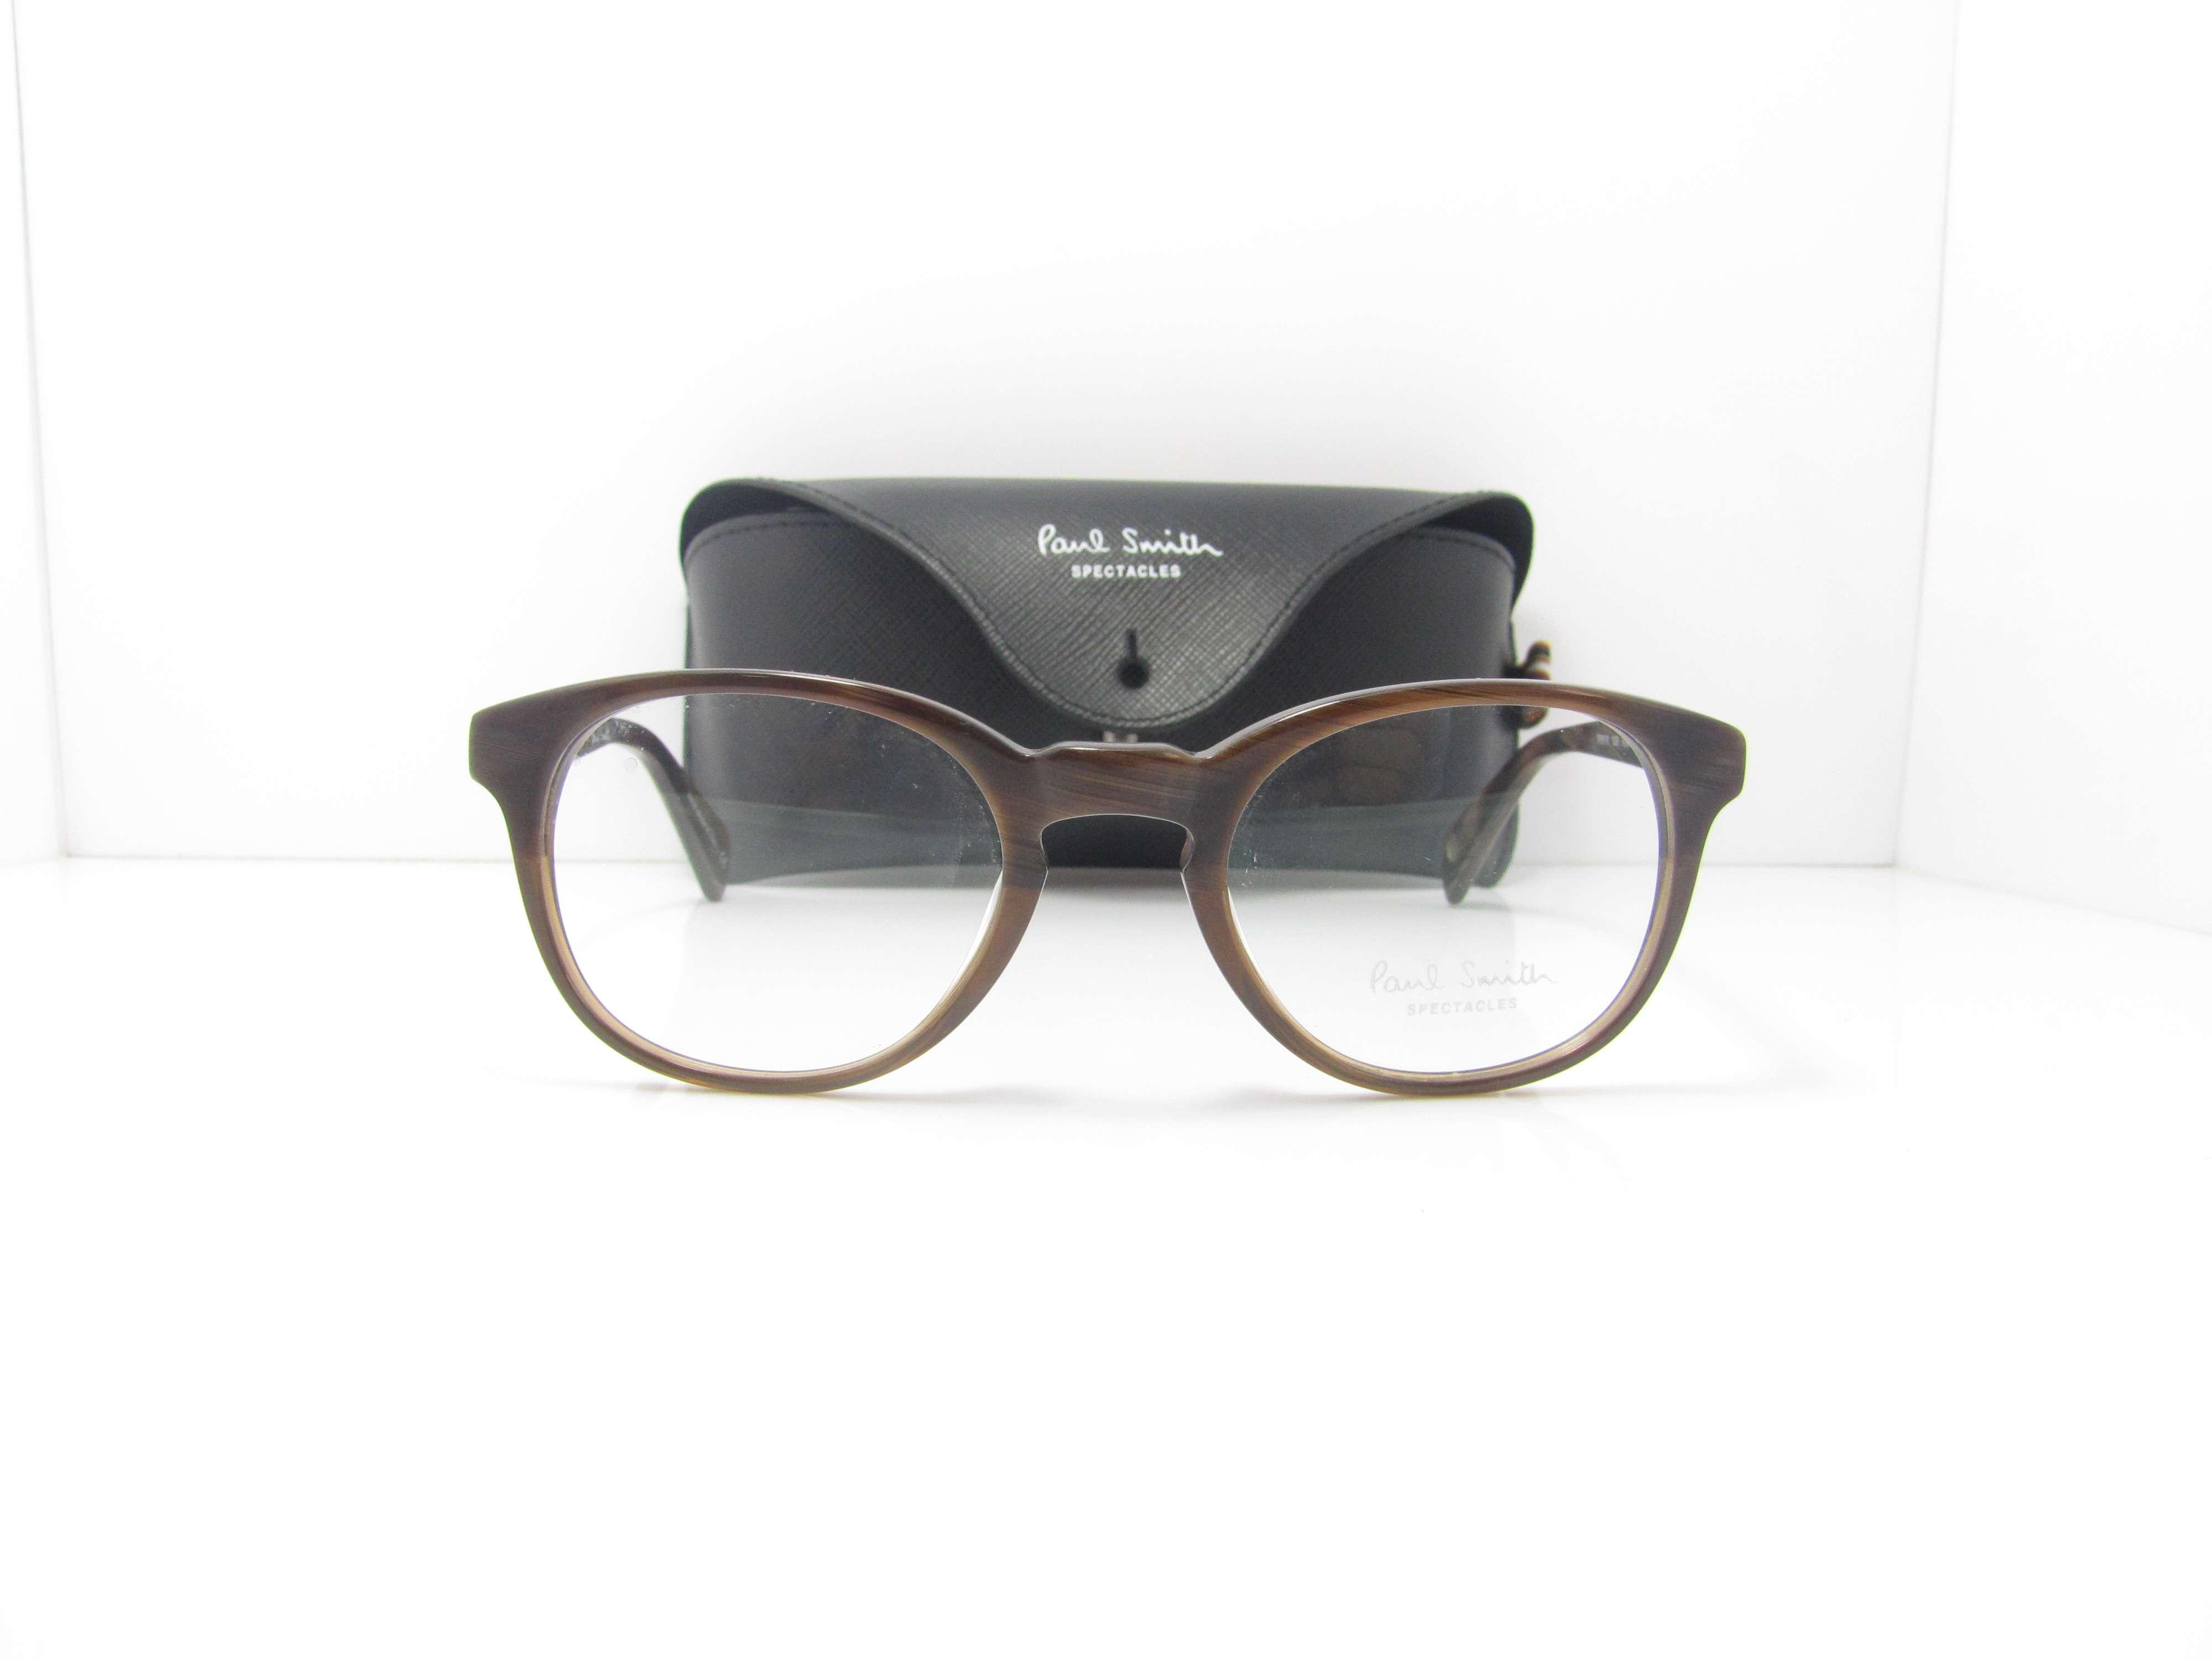 Paul Smith Eyeglasses New Frame HandMade Italy Glasses Mod ...